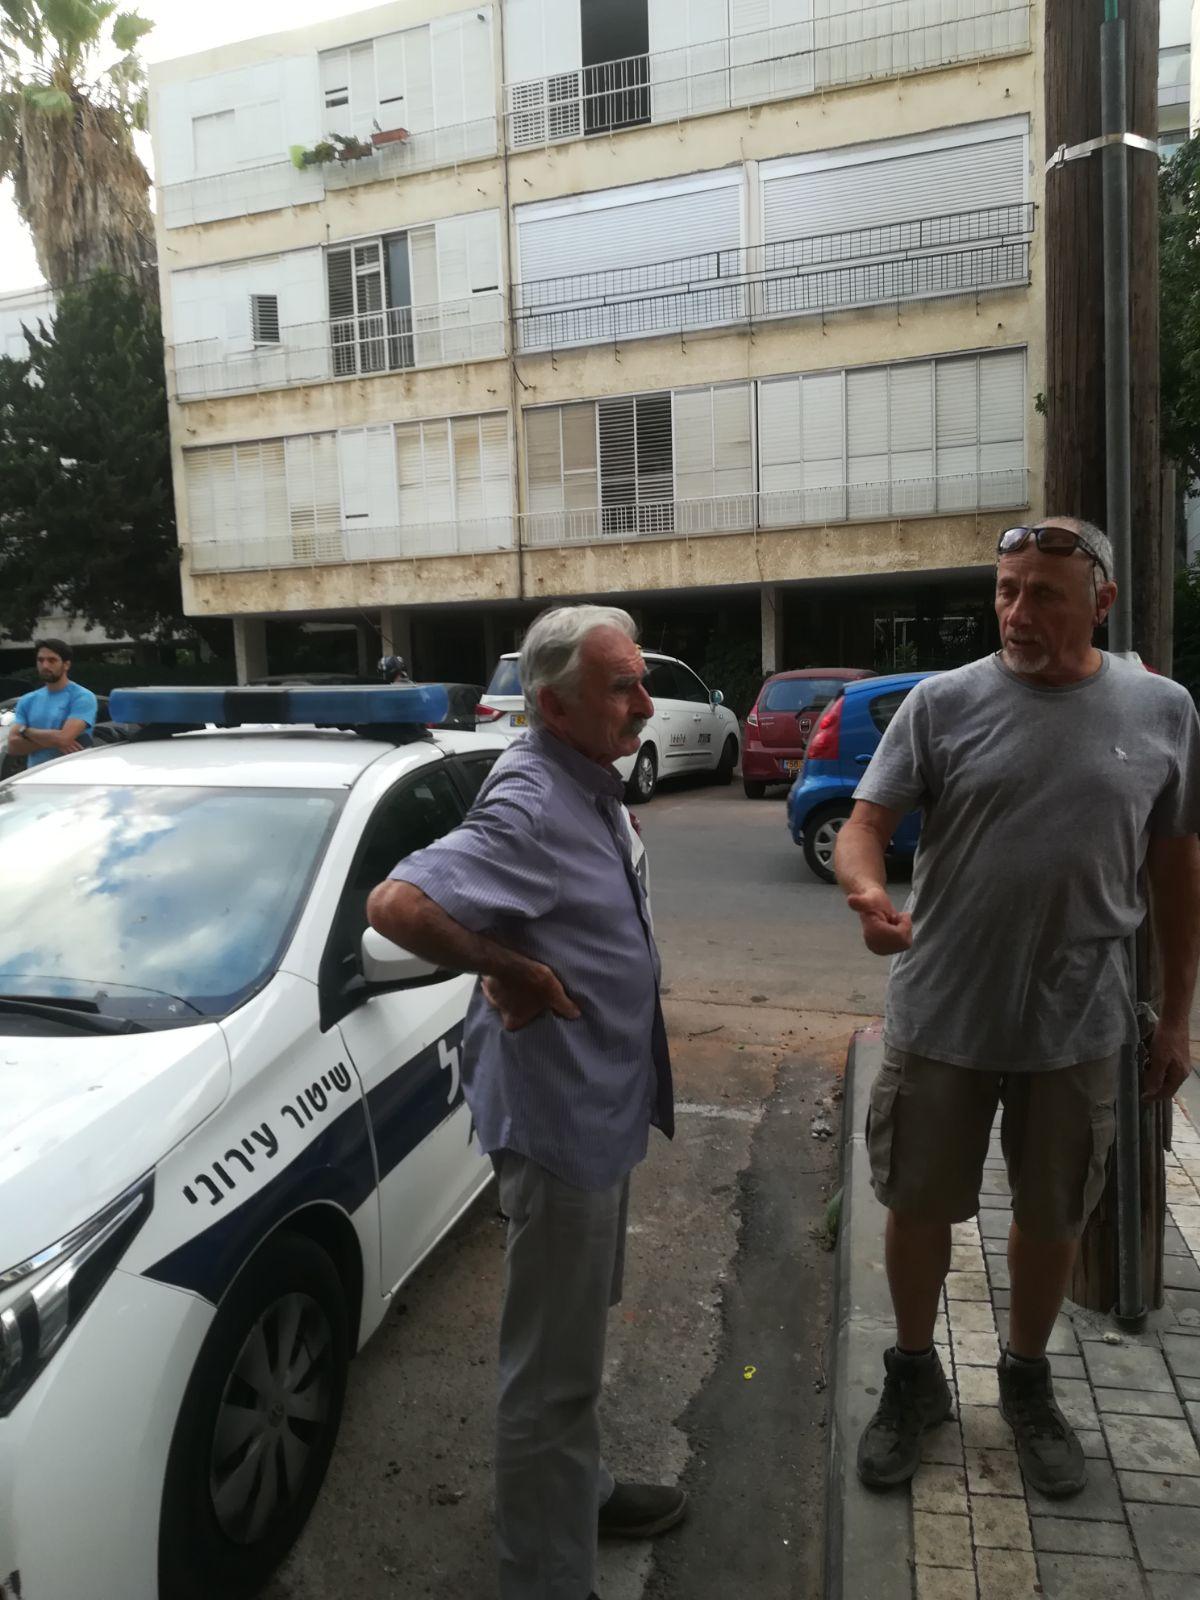 פינוי הדיירים בבניין. צילום: ישראל ניוז